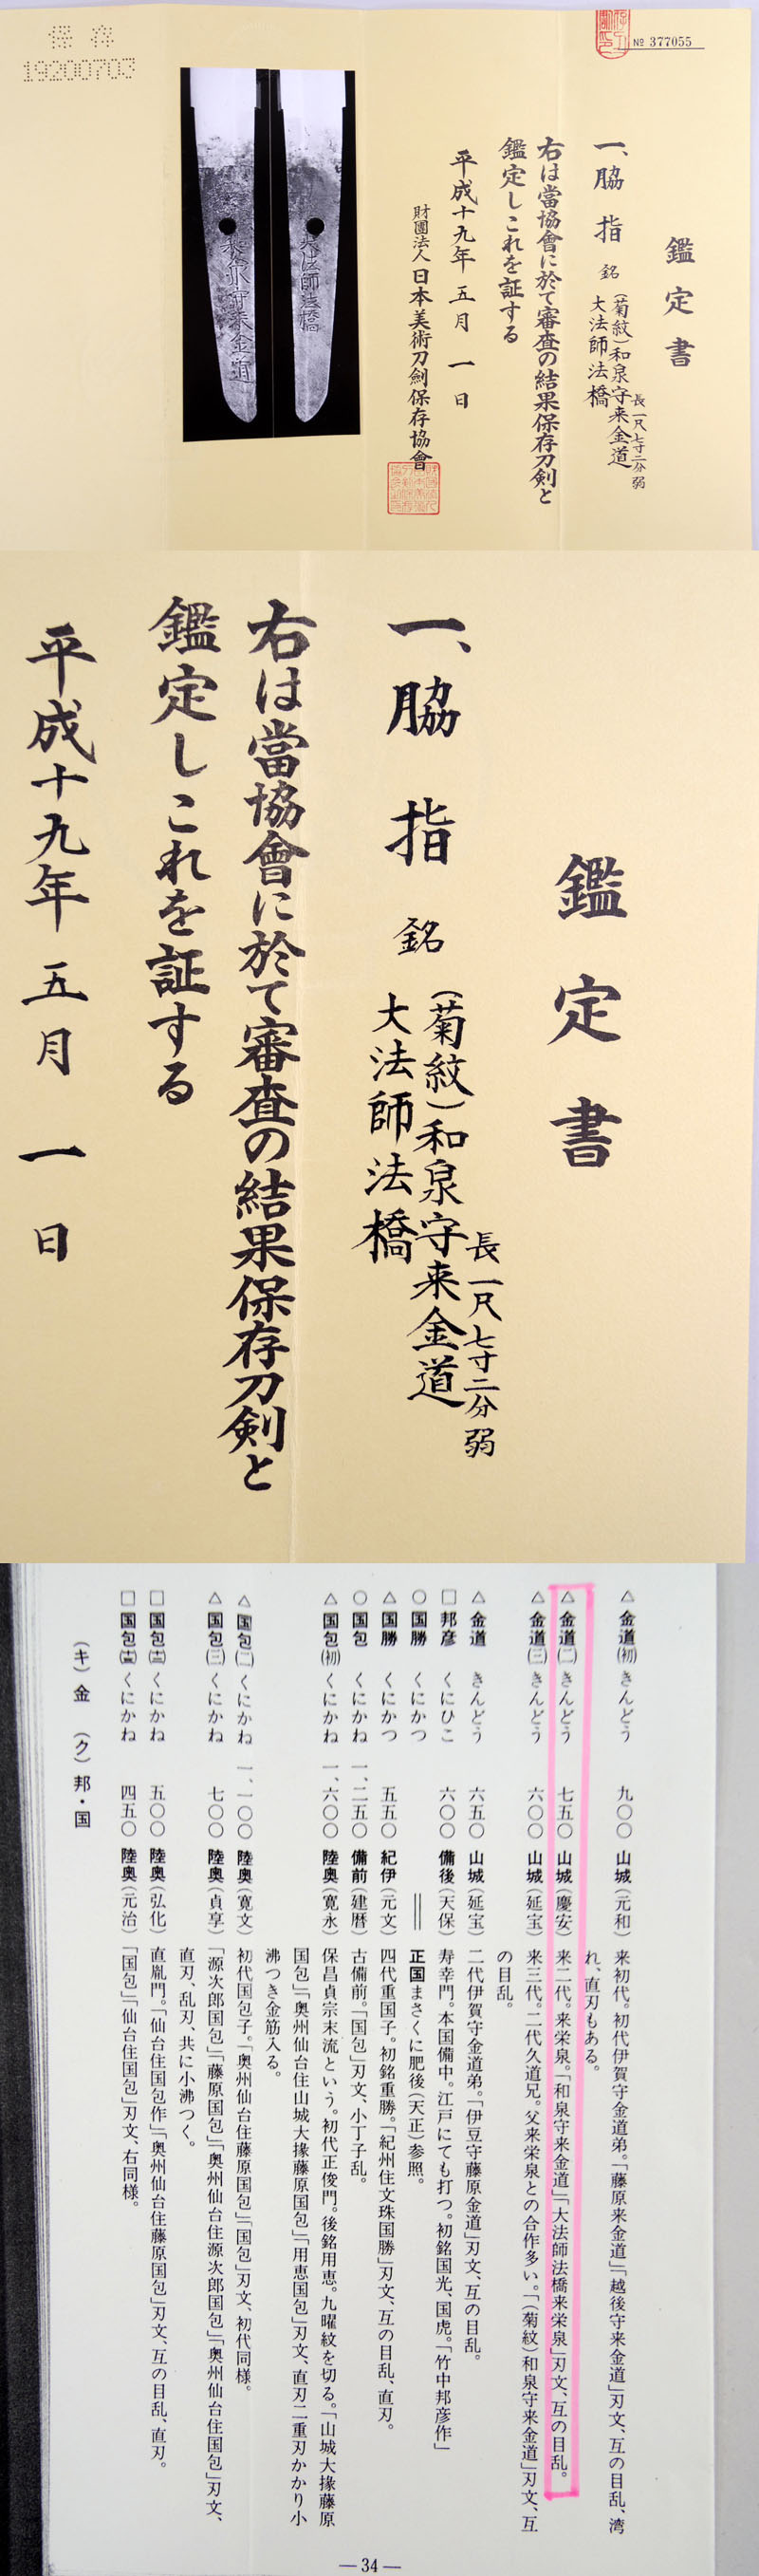 和泉守来金道 大法師法橋 Picture of Certificate